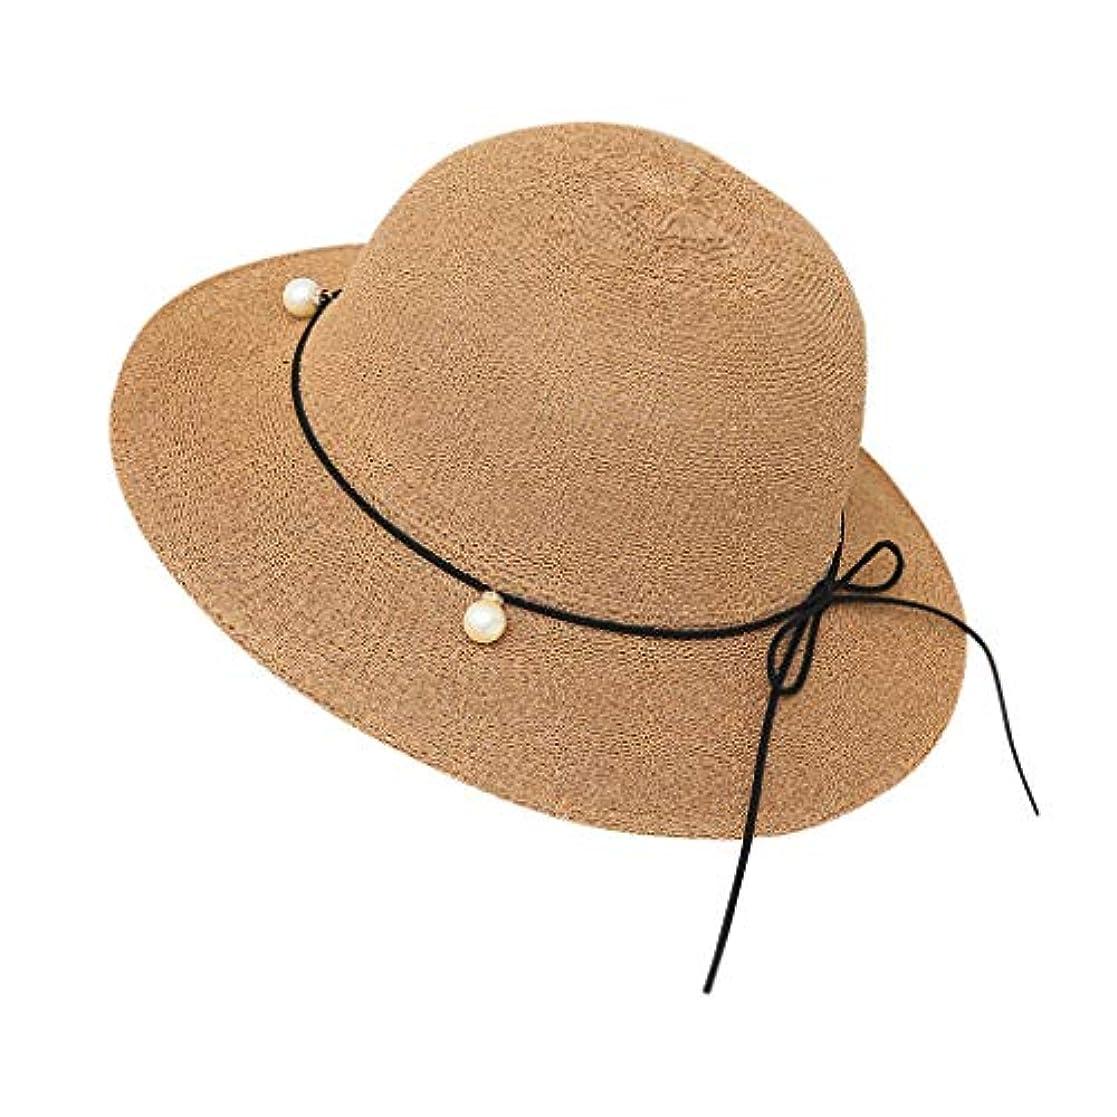 細分化するドラマお勧め帽子 レディース 夏 女性 UVカット 帽子 ハット 漁師帽 つば広 吸汗通気 紫外線対策 大きいサイズ 日焼け防止 サイズ調節 ベレー帽 帽子 レディース ビーチ 海辺 森ガール 女優帽 日よけ ROSE ROMAN